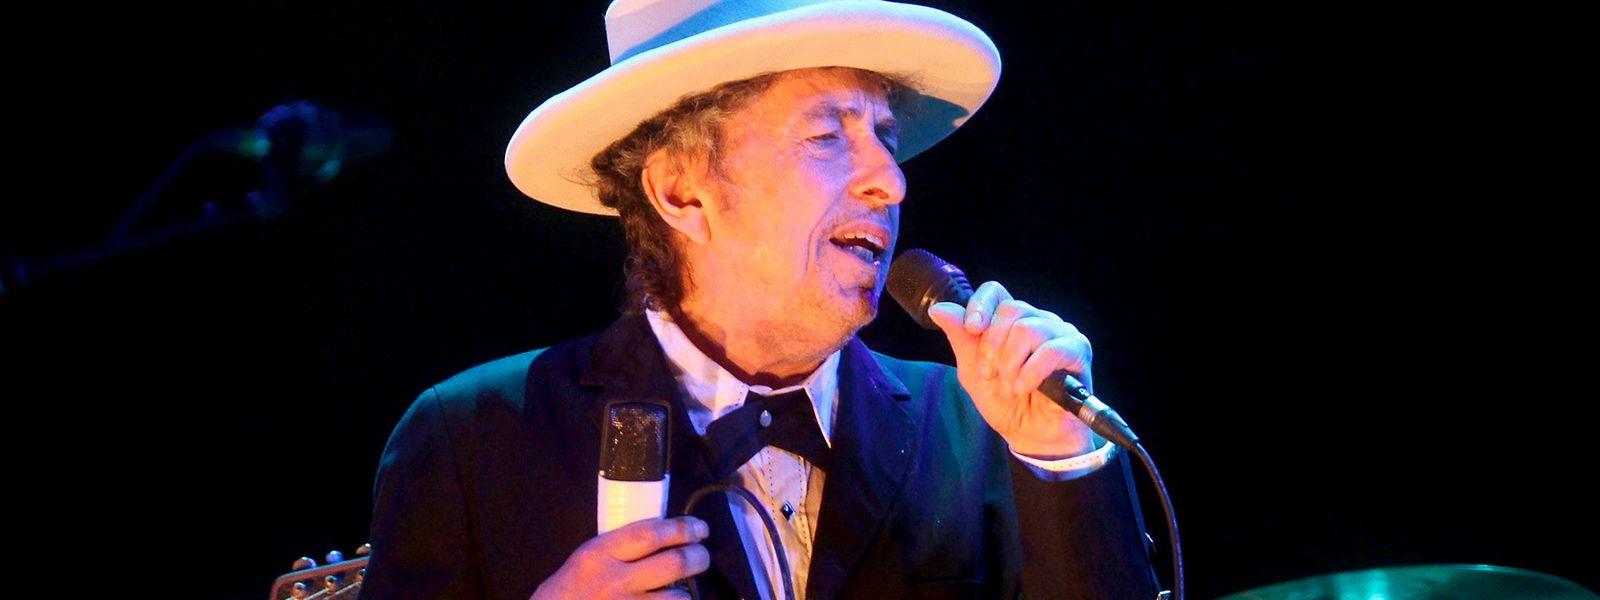 Nach einer langen Pause, meldet Bob Dylan sich wieder.